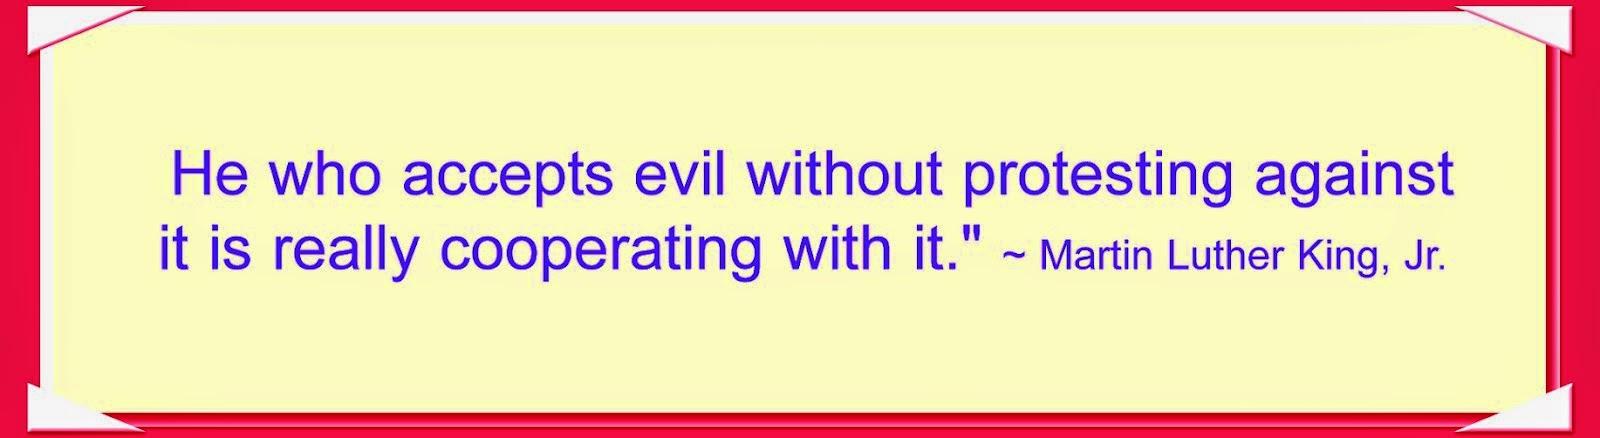 MLK's Wisdom